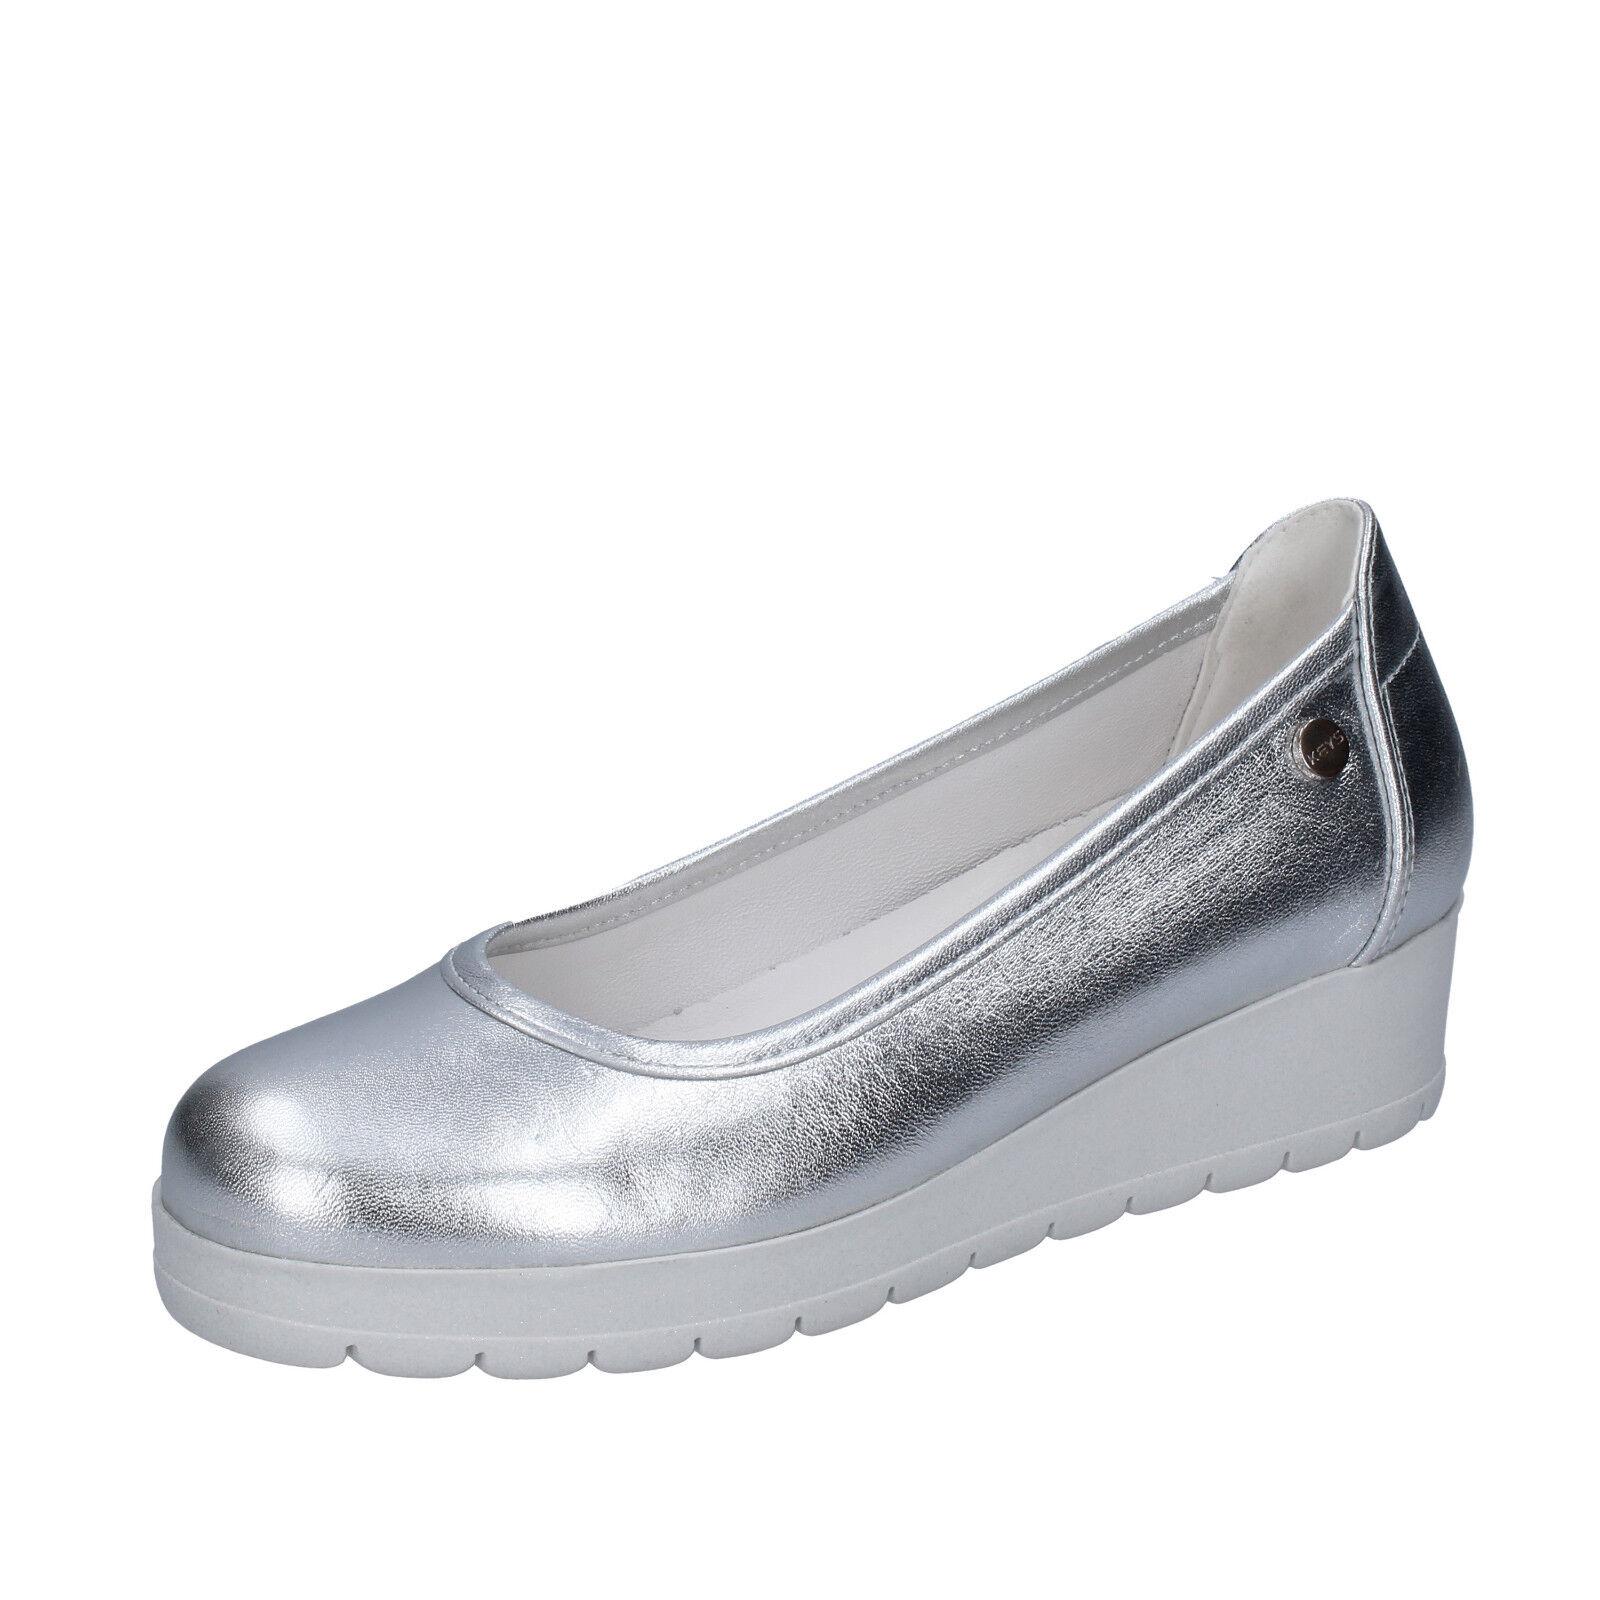 Chaussures femmes clés 36 UE ESCARPINS ARGENT CUIR bt980-36